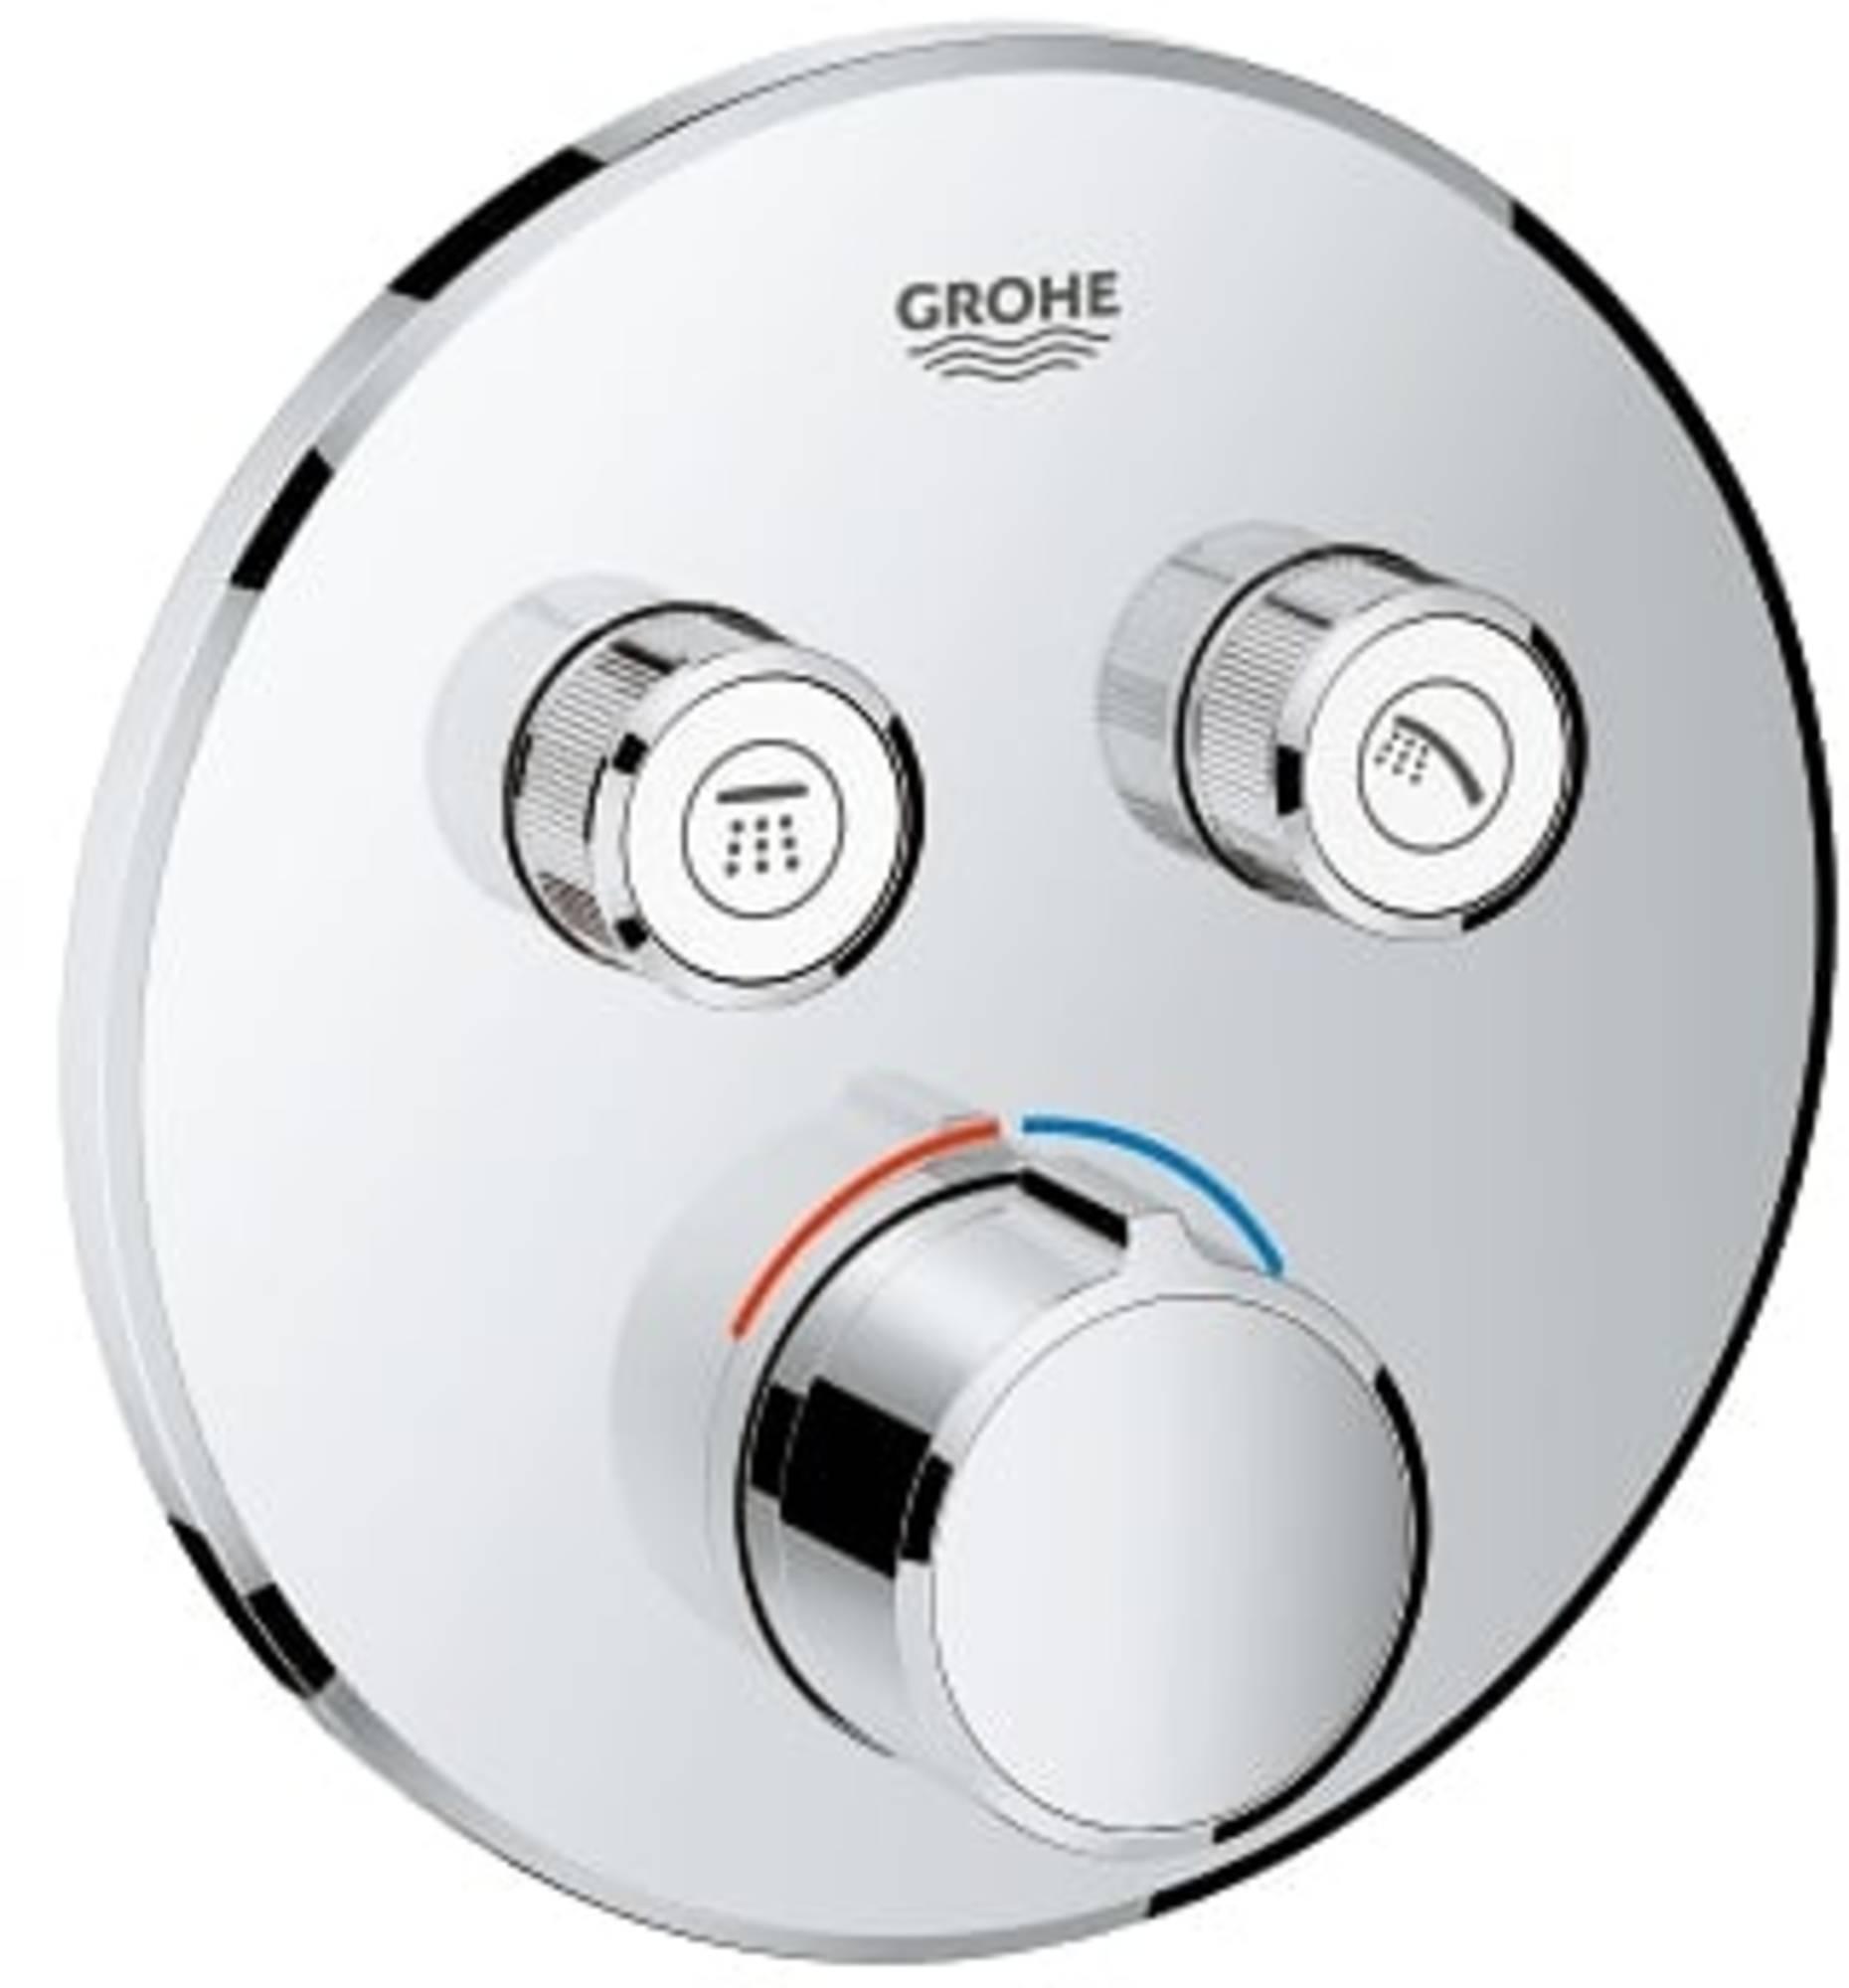 Grohe Smartcontrol Afdekset voor Douchekraan met omstel rond Chroom